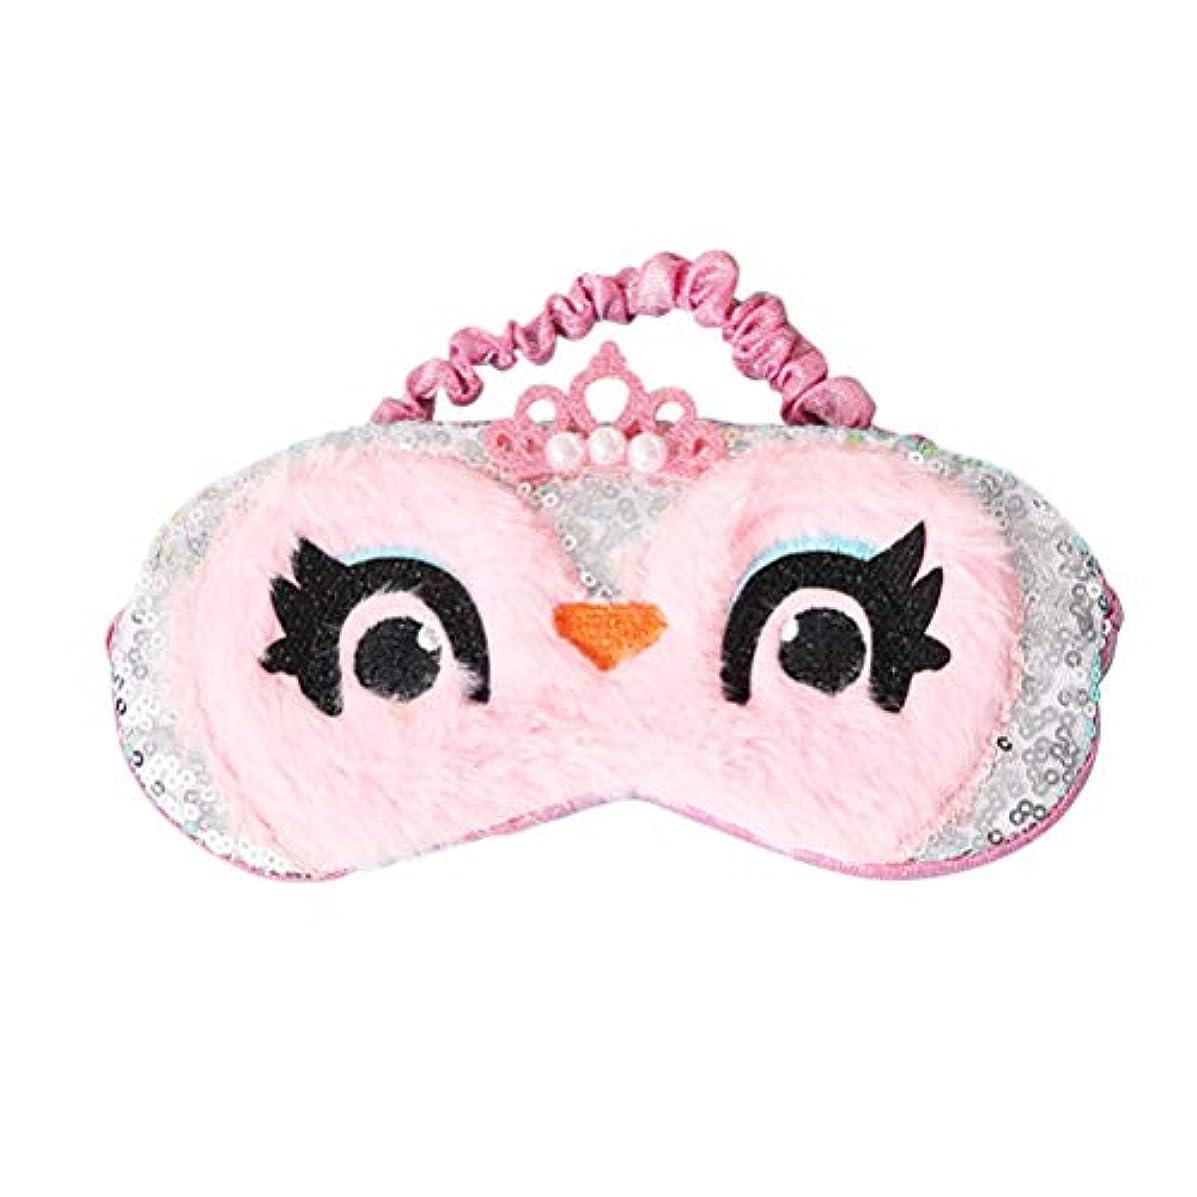 害虫エクステント練習Healifty アイマスクかわいいぬいぐるみ目隠しアイカバー用女性女の子子供ホームベッド旅行フライトカーキャンプ用(ピンク)